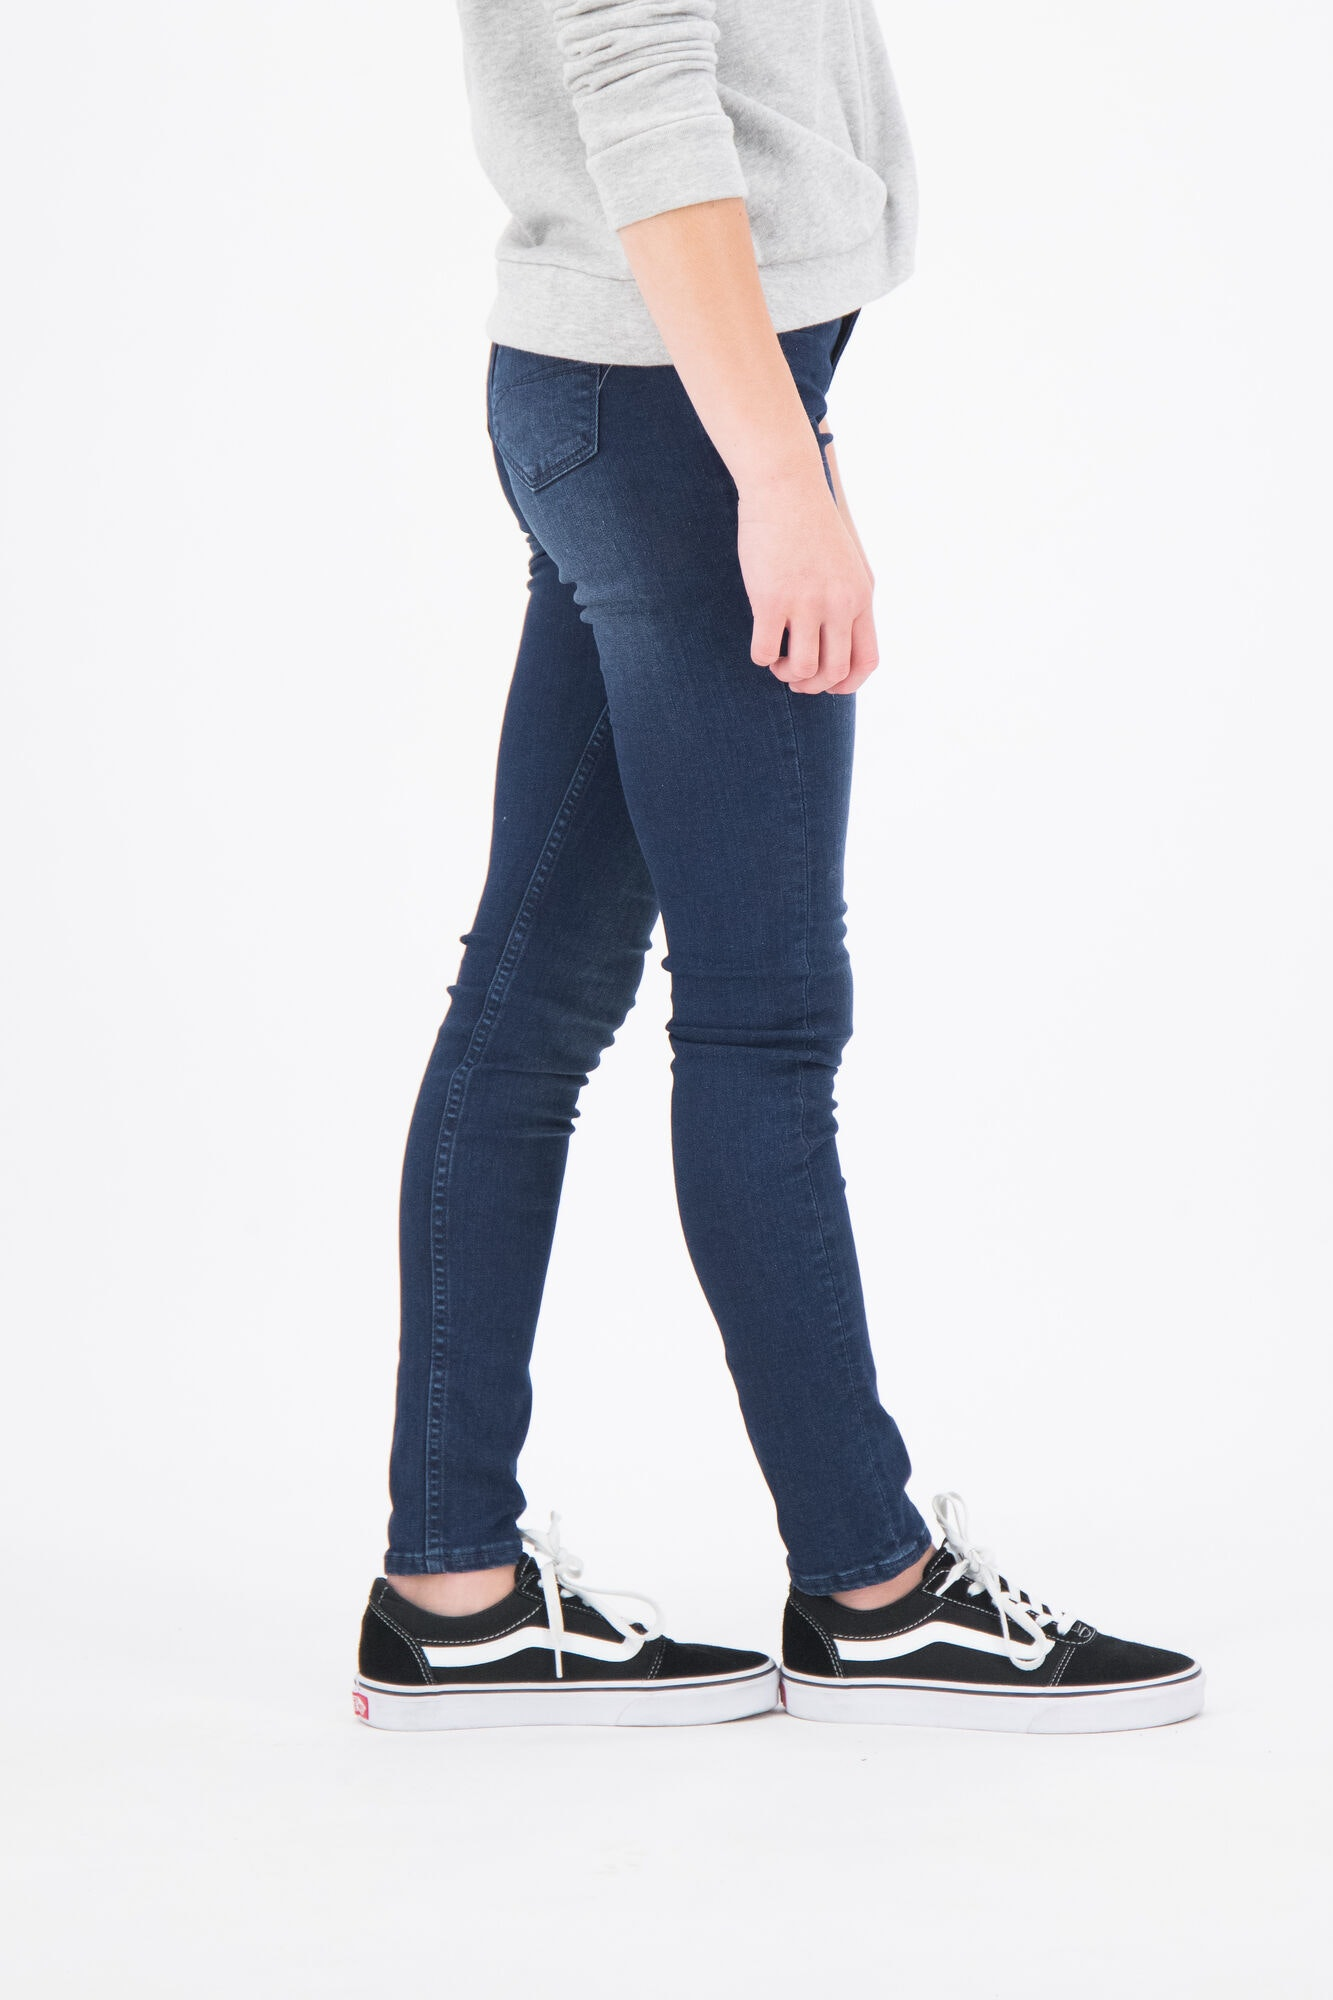 Hosen für schlanke Mädchen